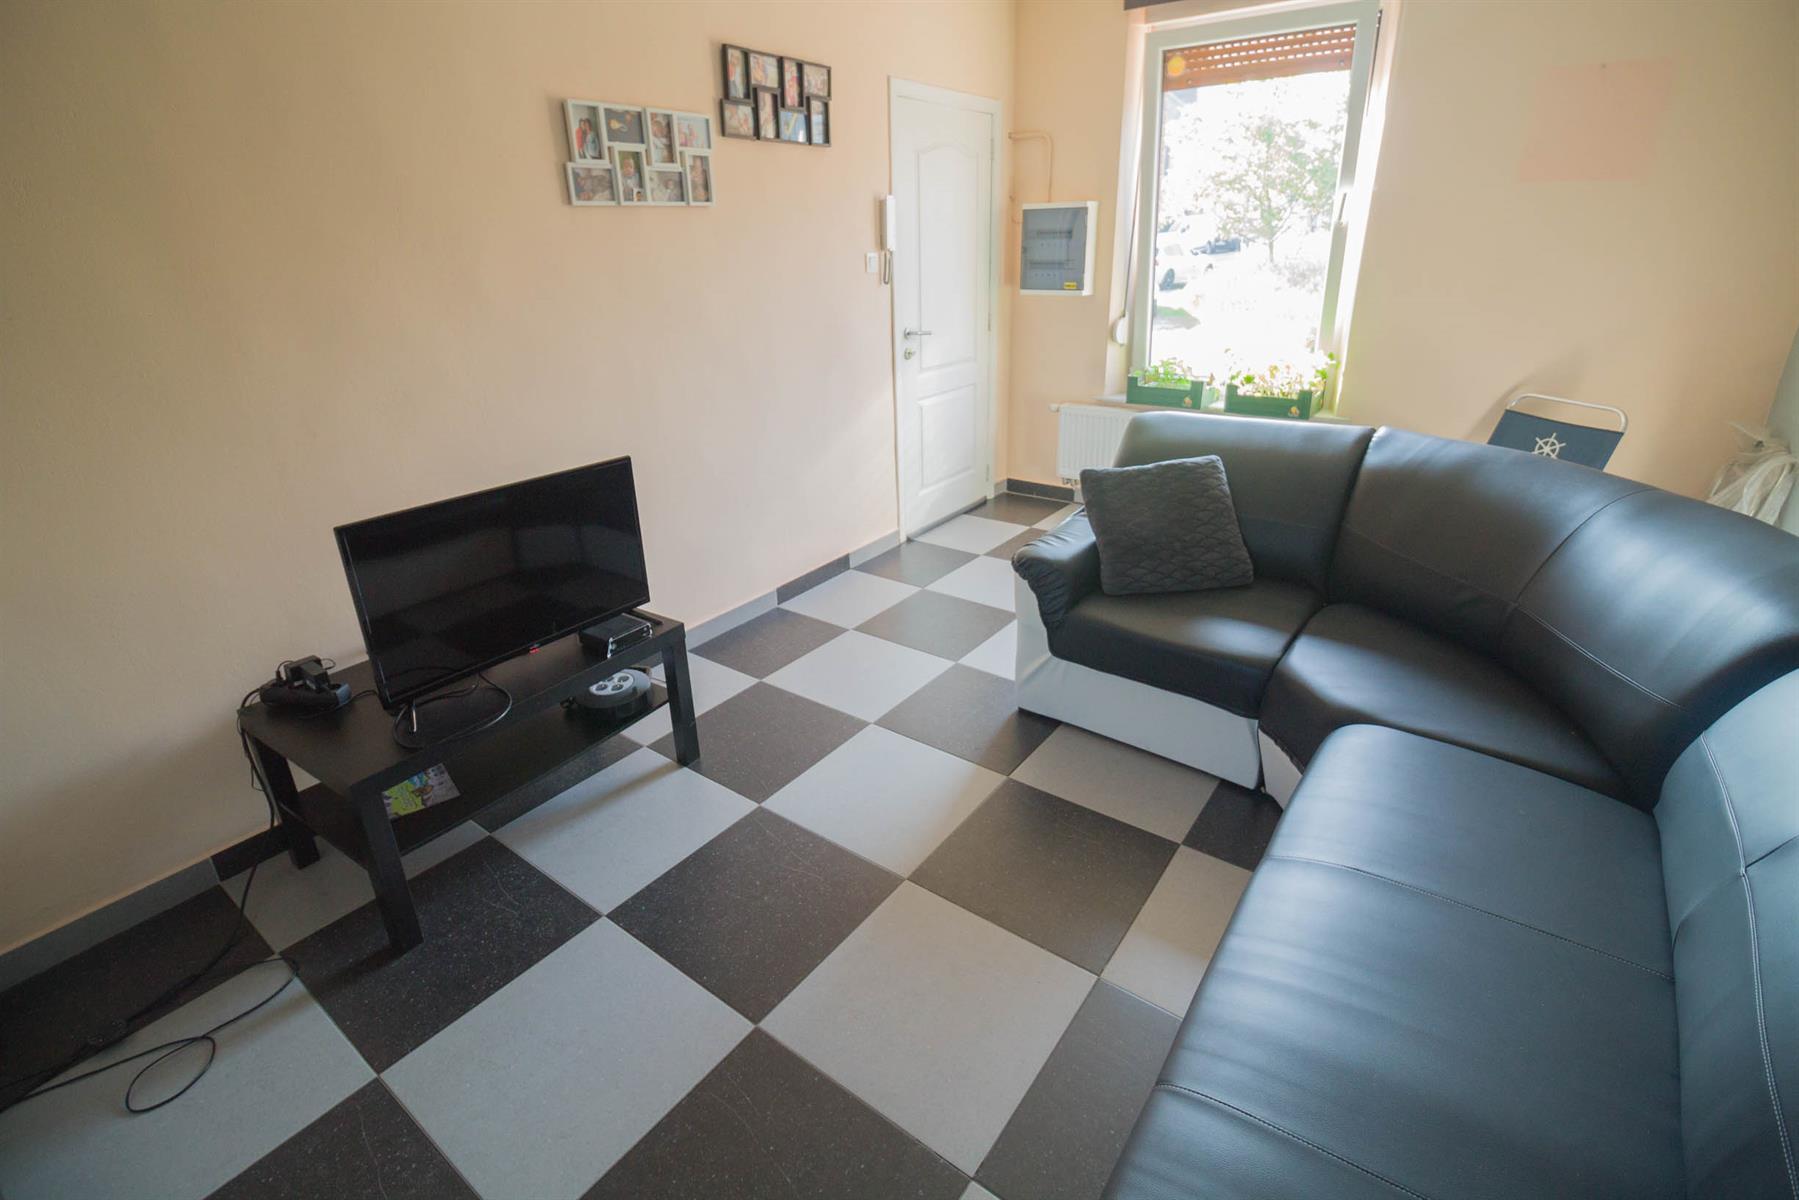 Appartement - Forchies-la-Marche - #4397249-3